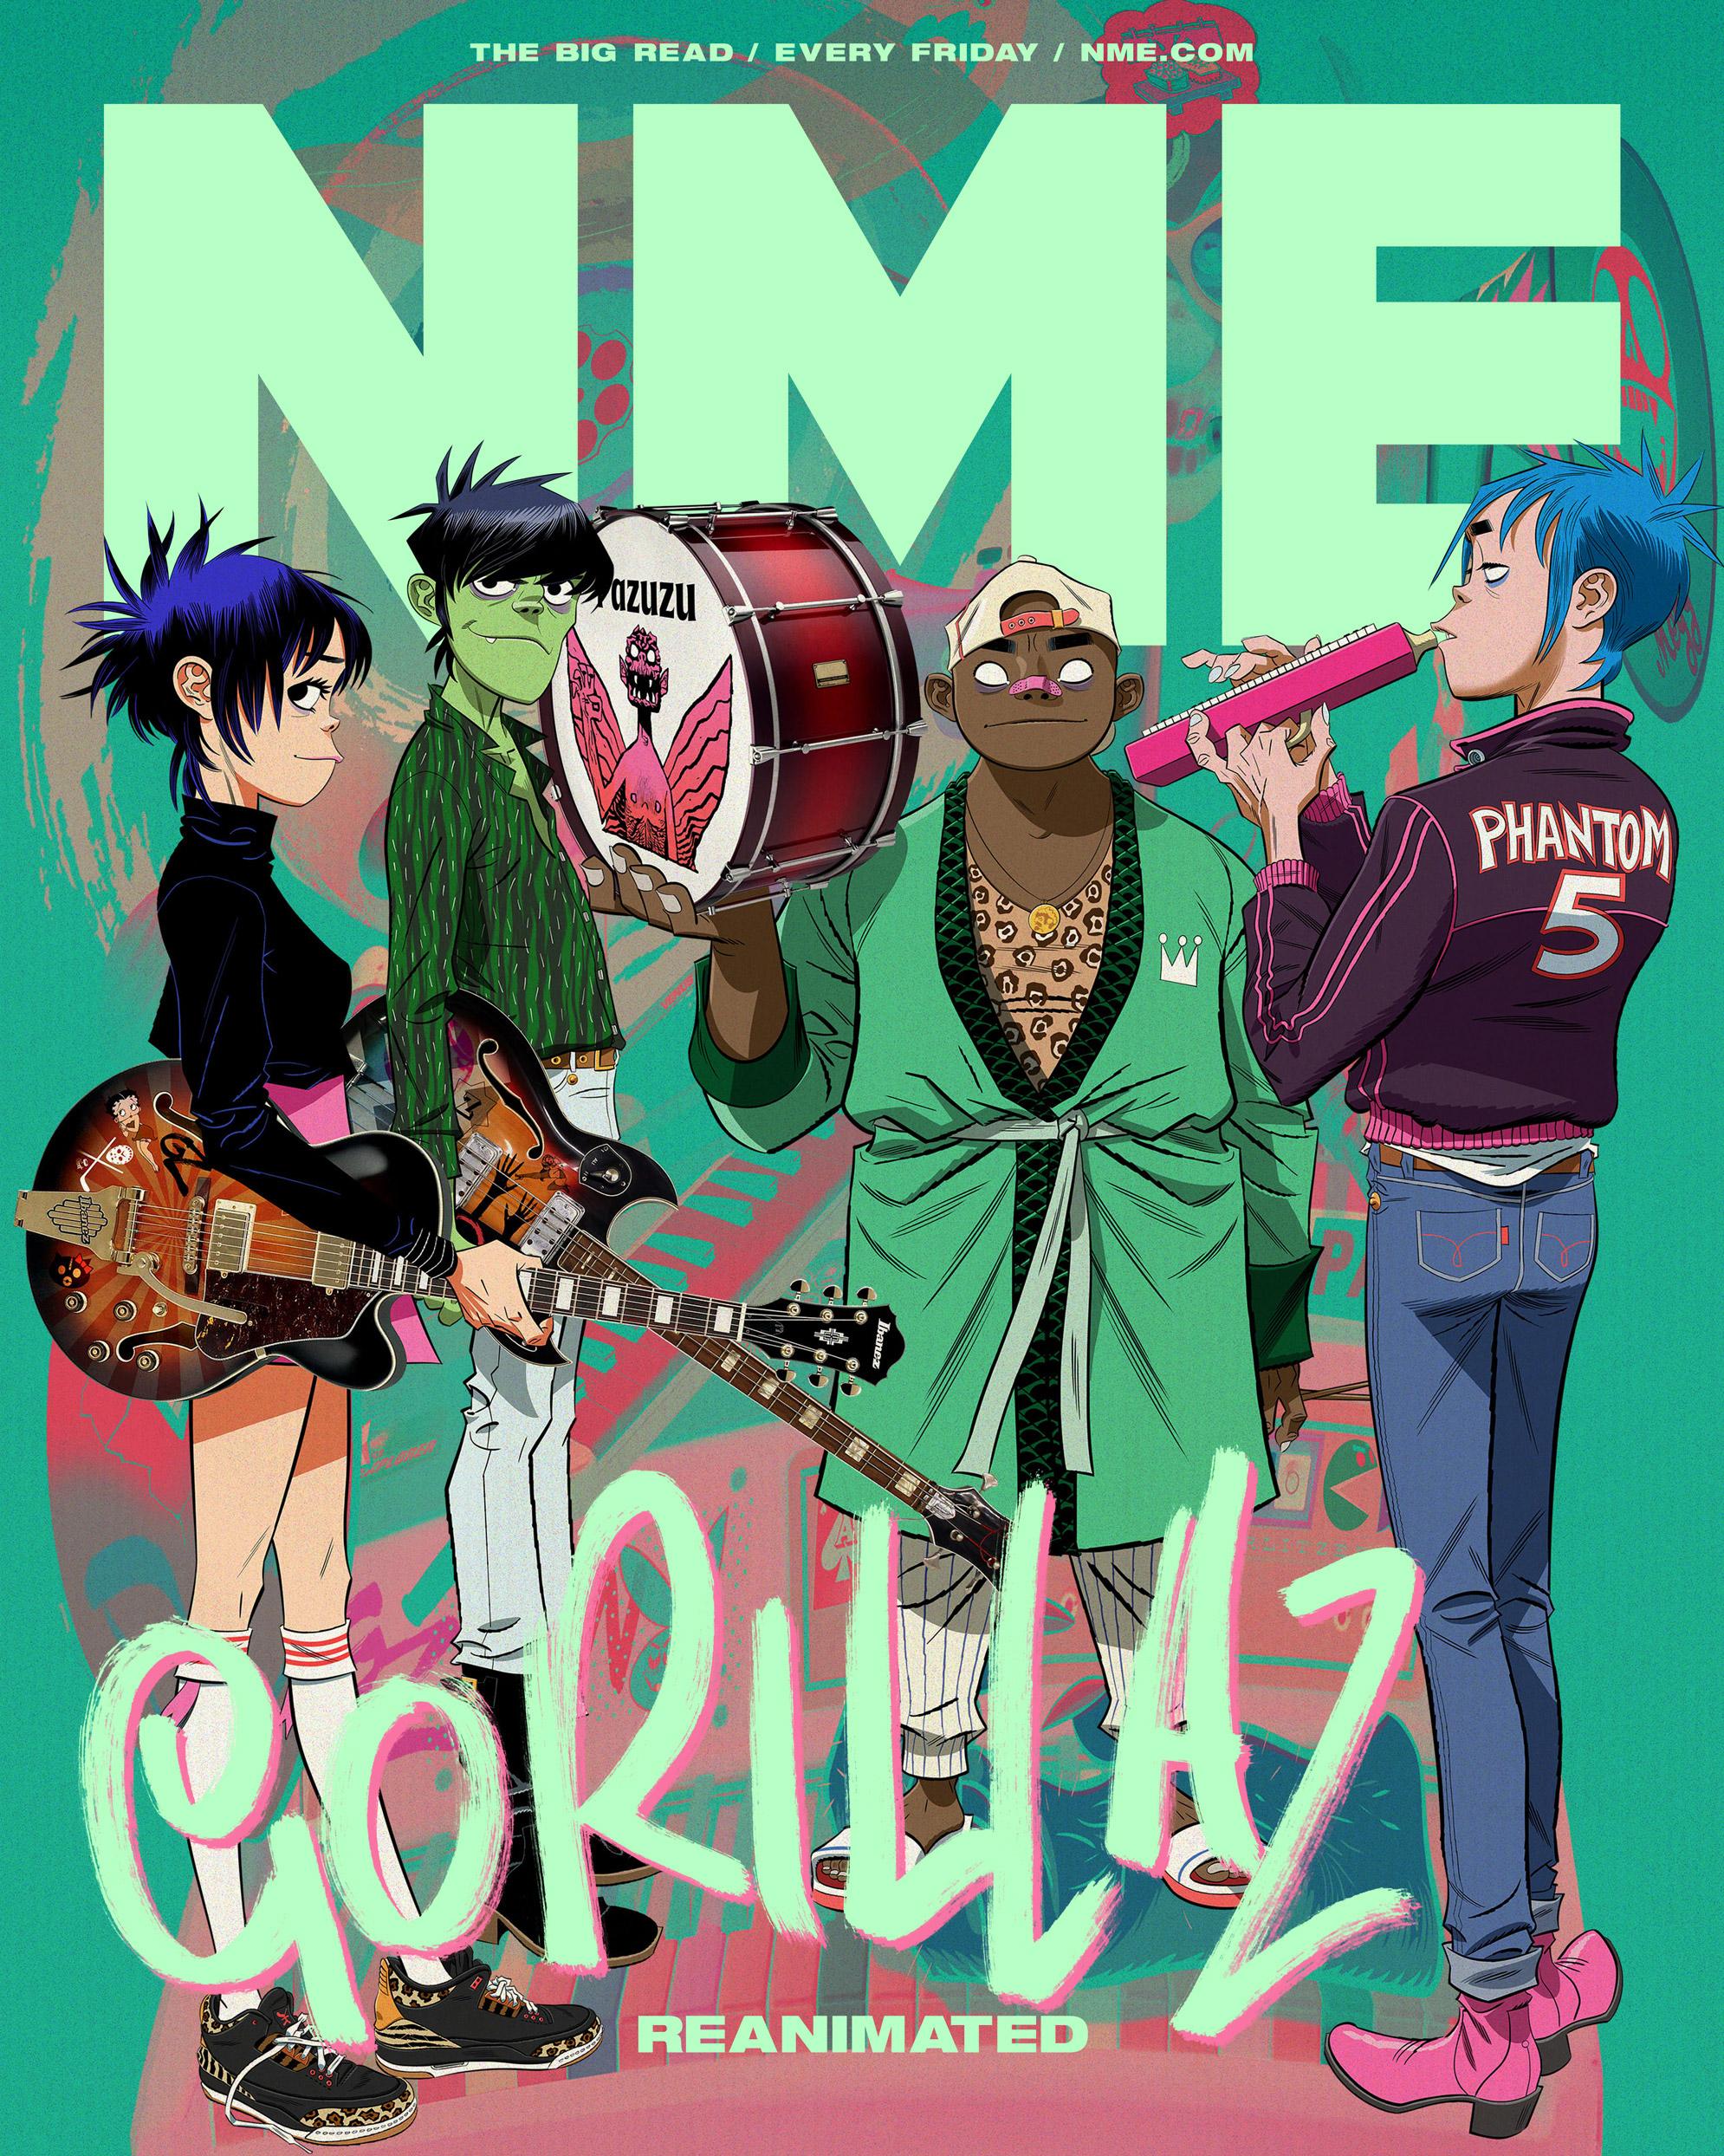 Gorillaz NME Big Read